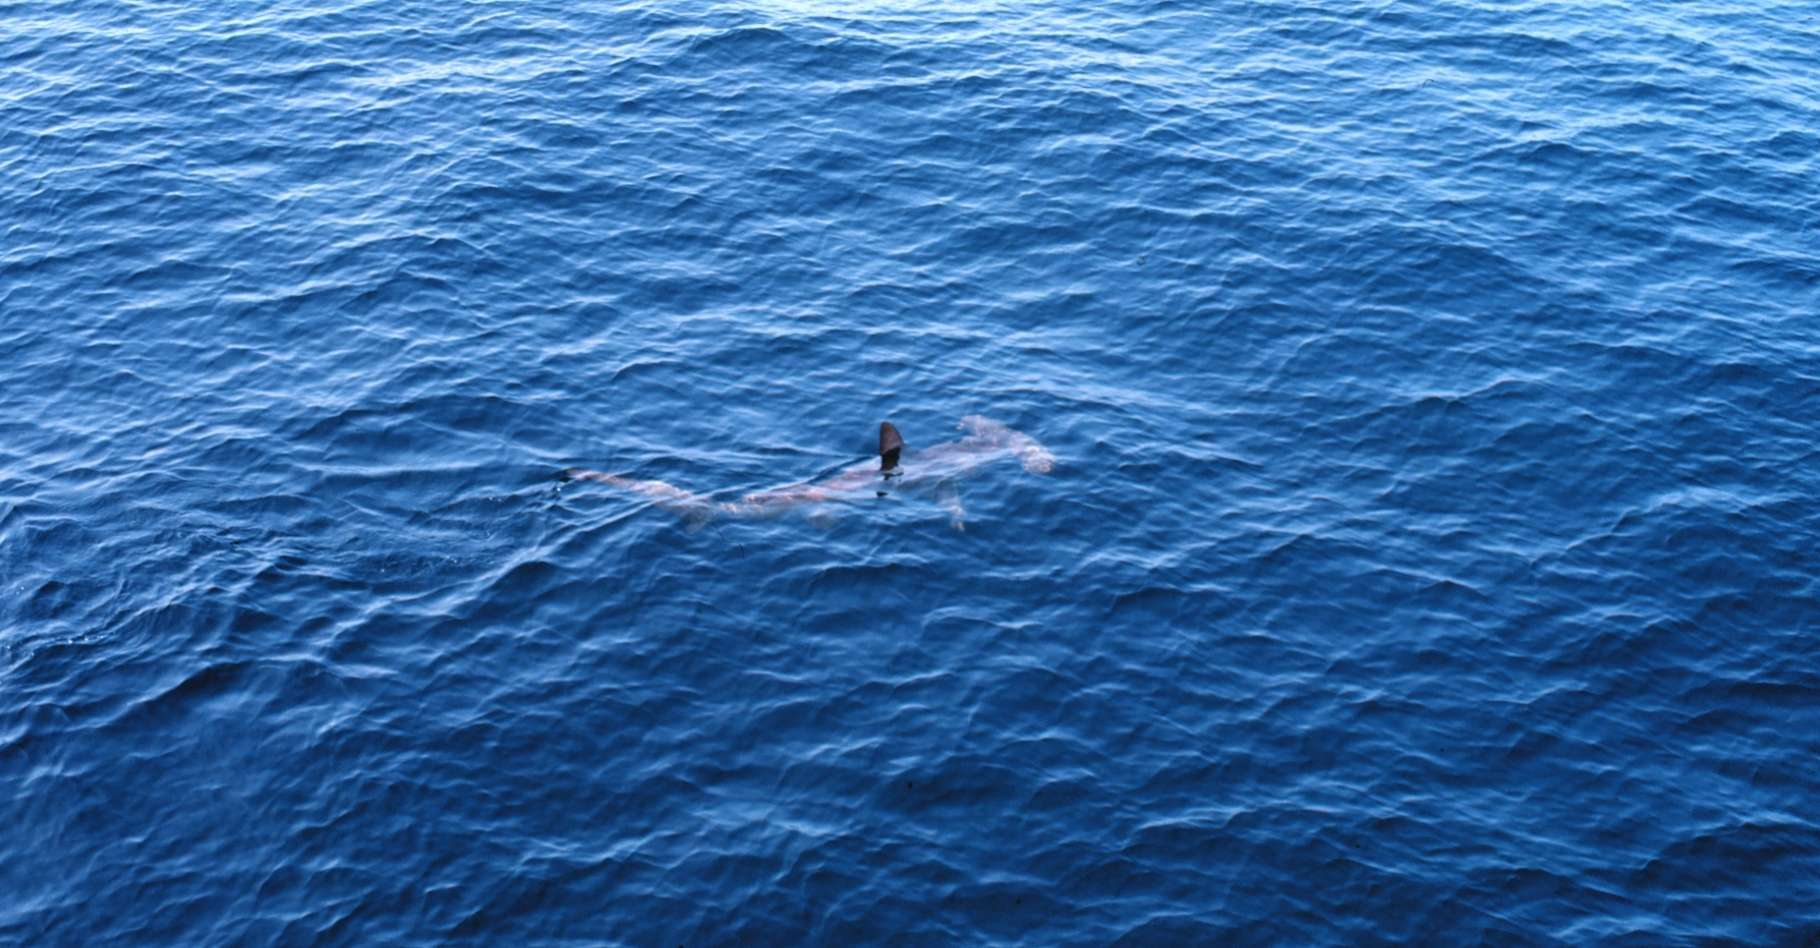 Le requin marteau commun apprécie particulièrement les eaux côtières peu profondes et chaudes. Jamais on n'en avait observé un dans les eaux irlandaises. Une preuve que l'océan se réchauffe. © John Bortniak, NOAA Corps, Wikipedia, Domaine public